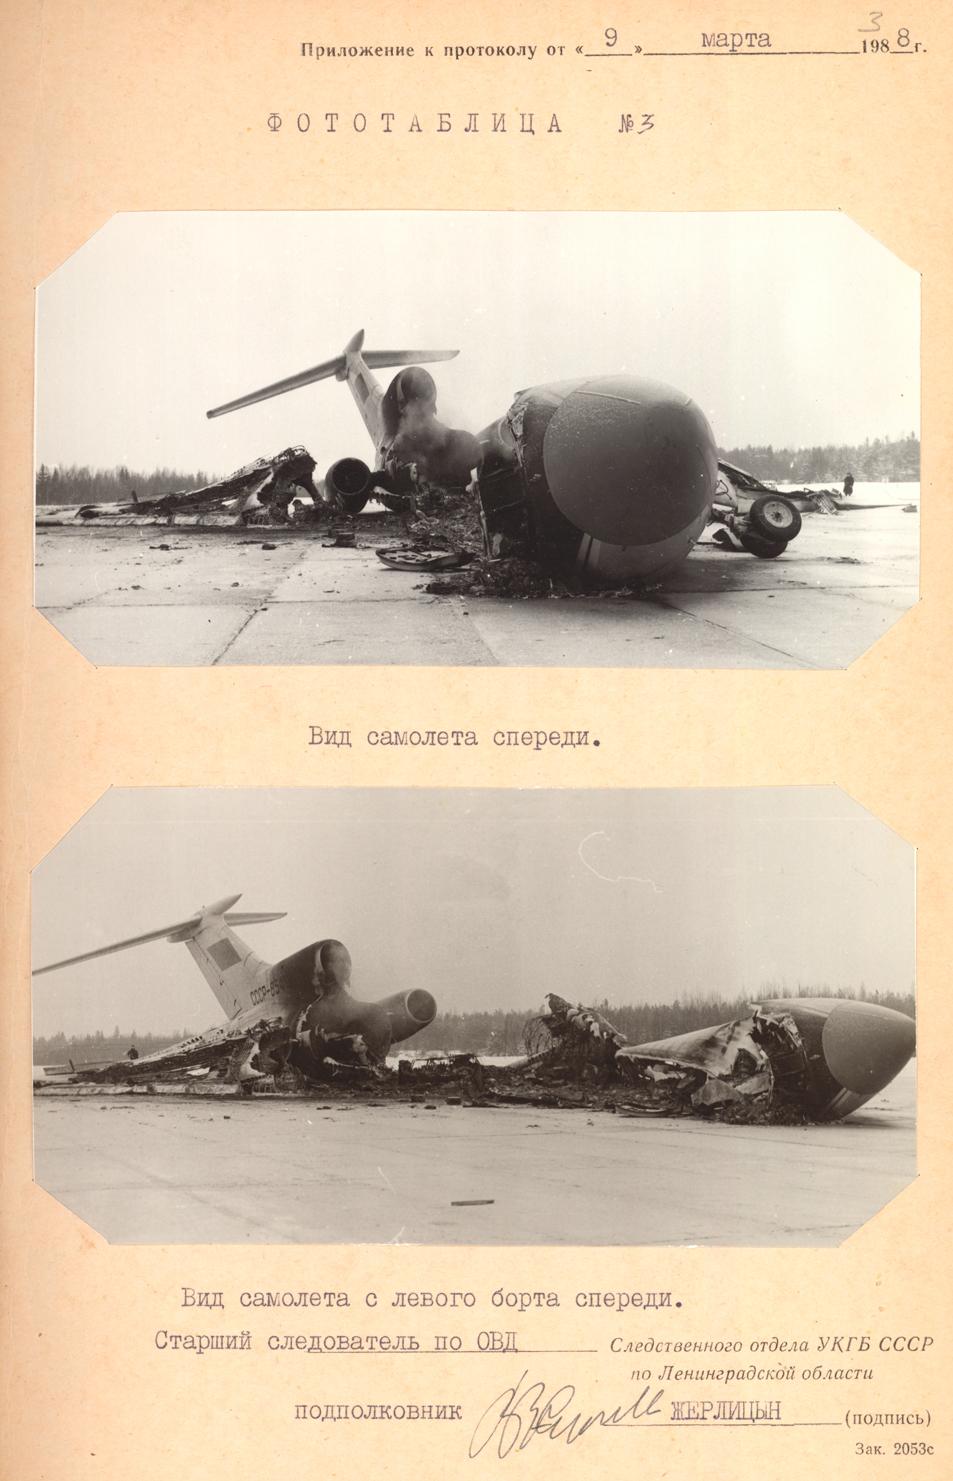 Сгоревший самолет, угнанный Овечкиных. Фото diletant.media